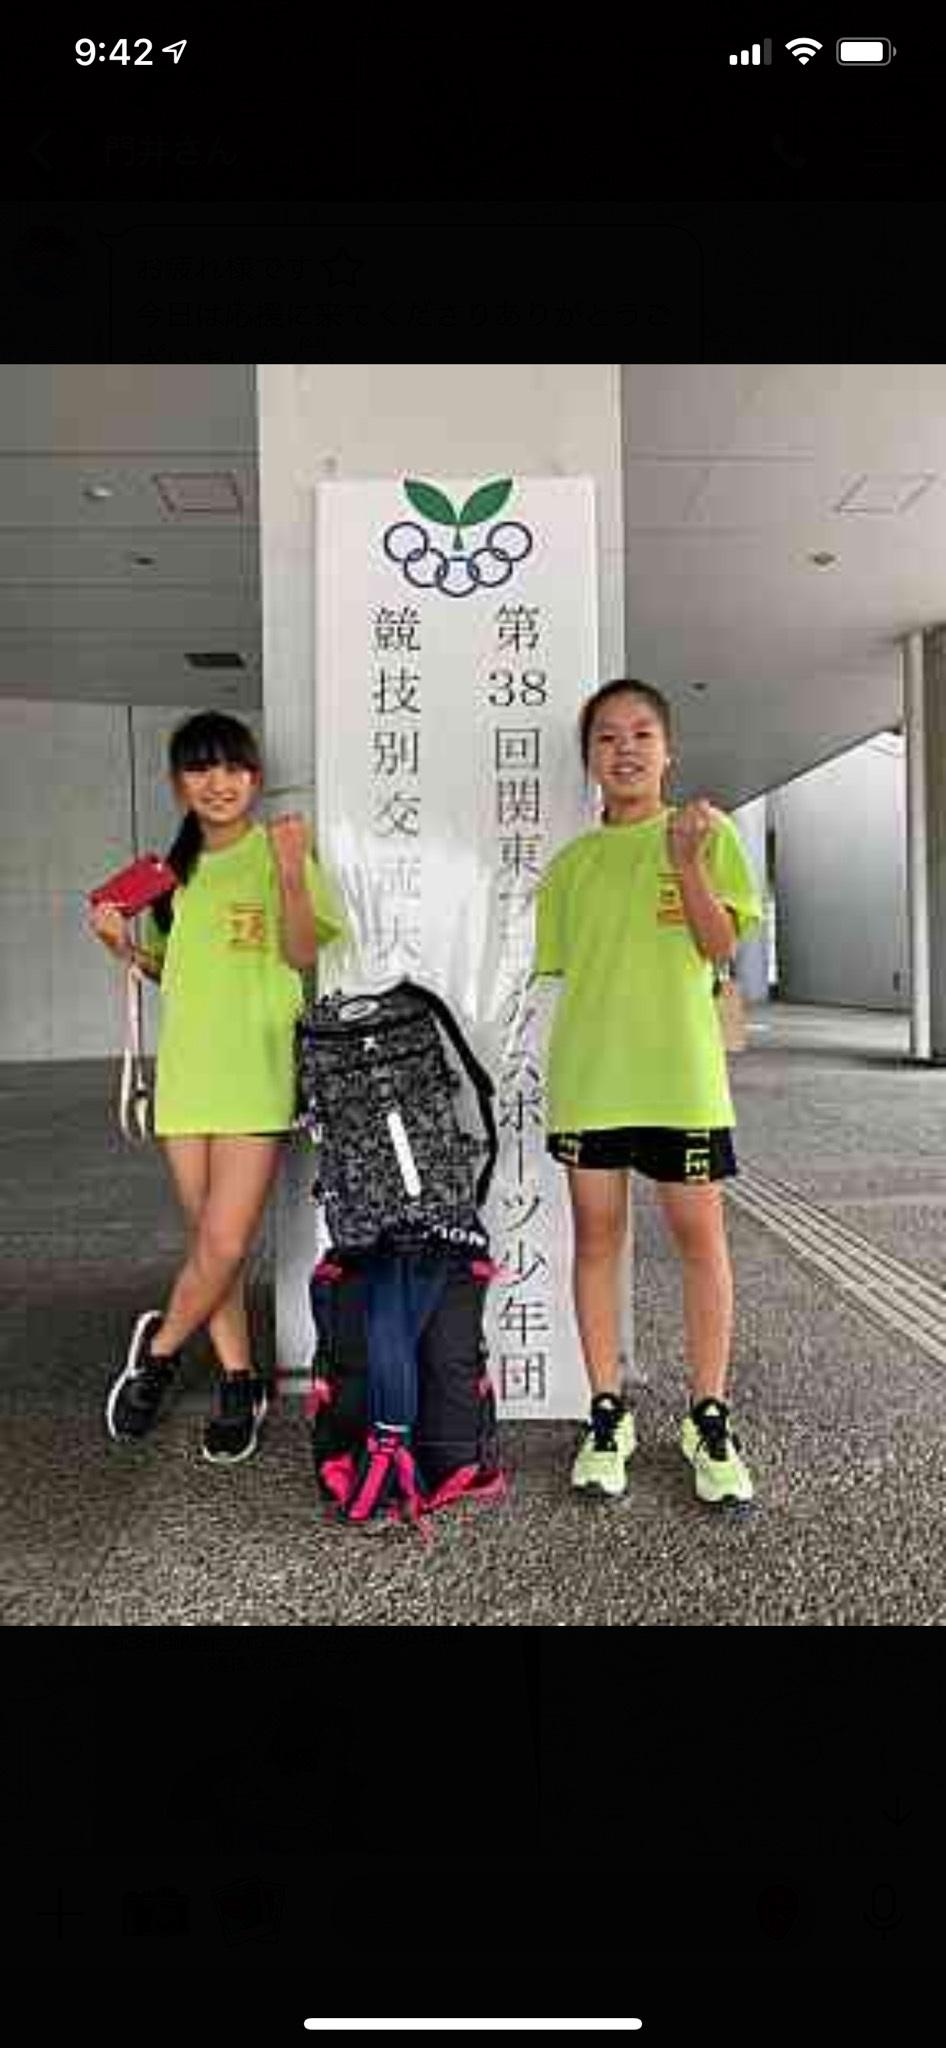 第38回 関東ブロックスポーツ少年団競技別交流大会